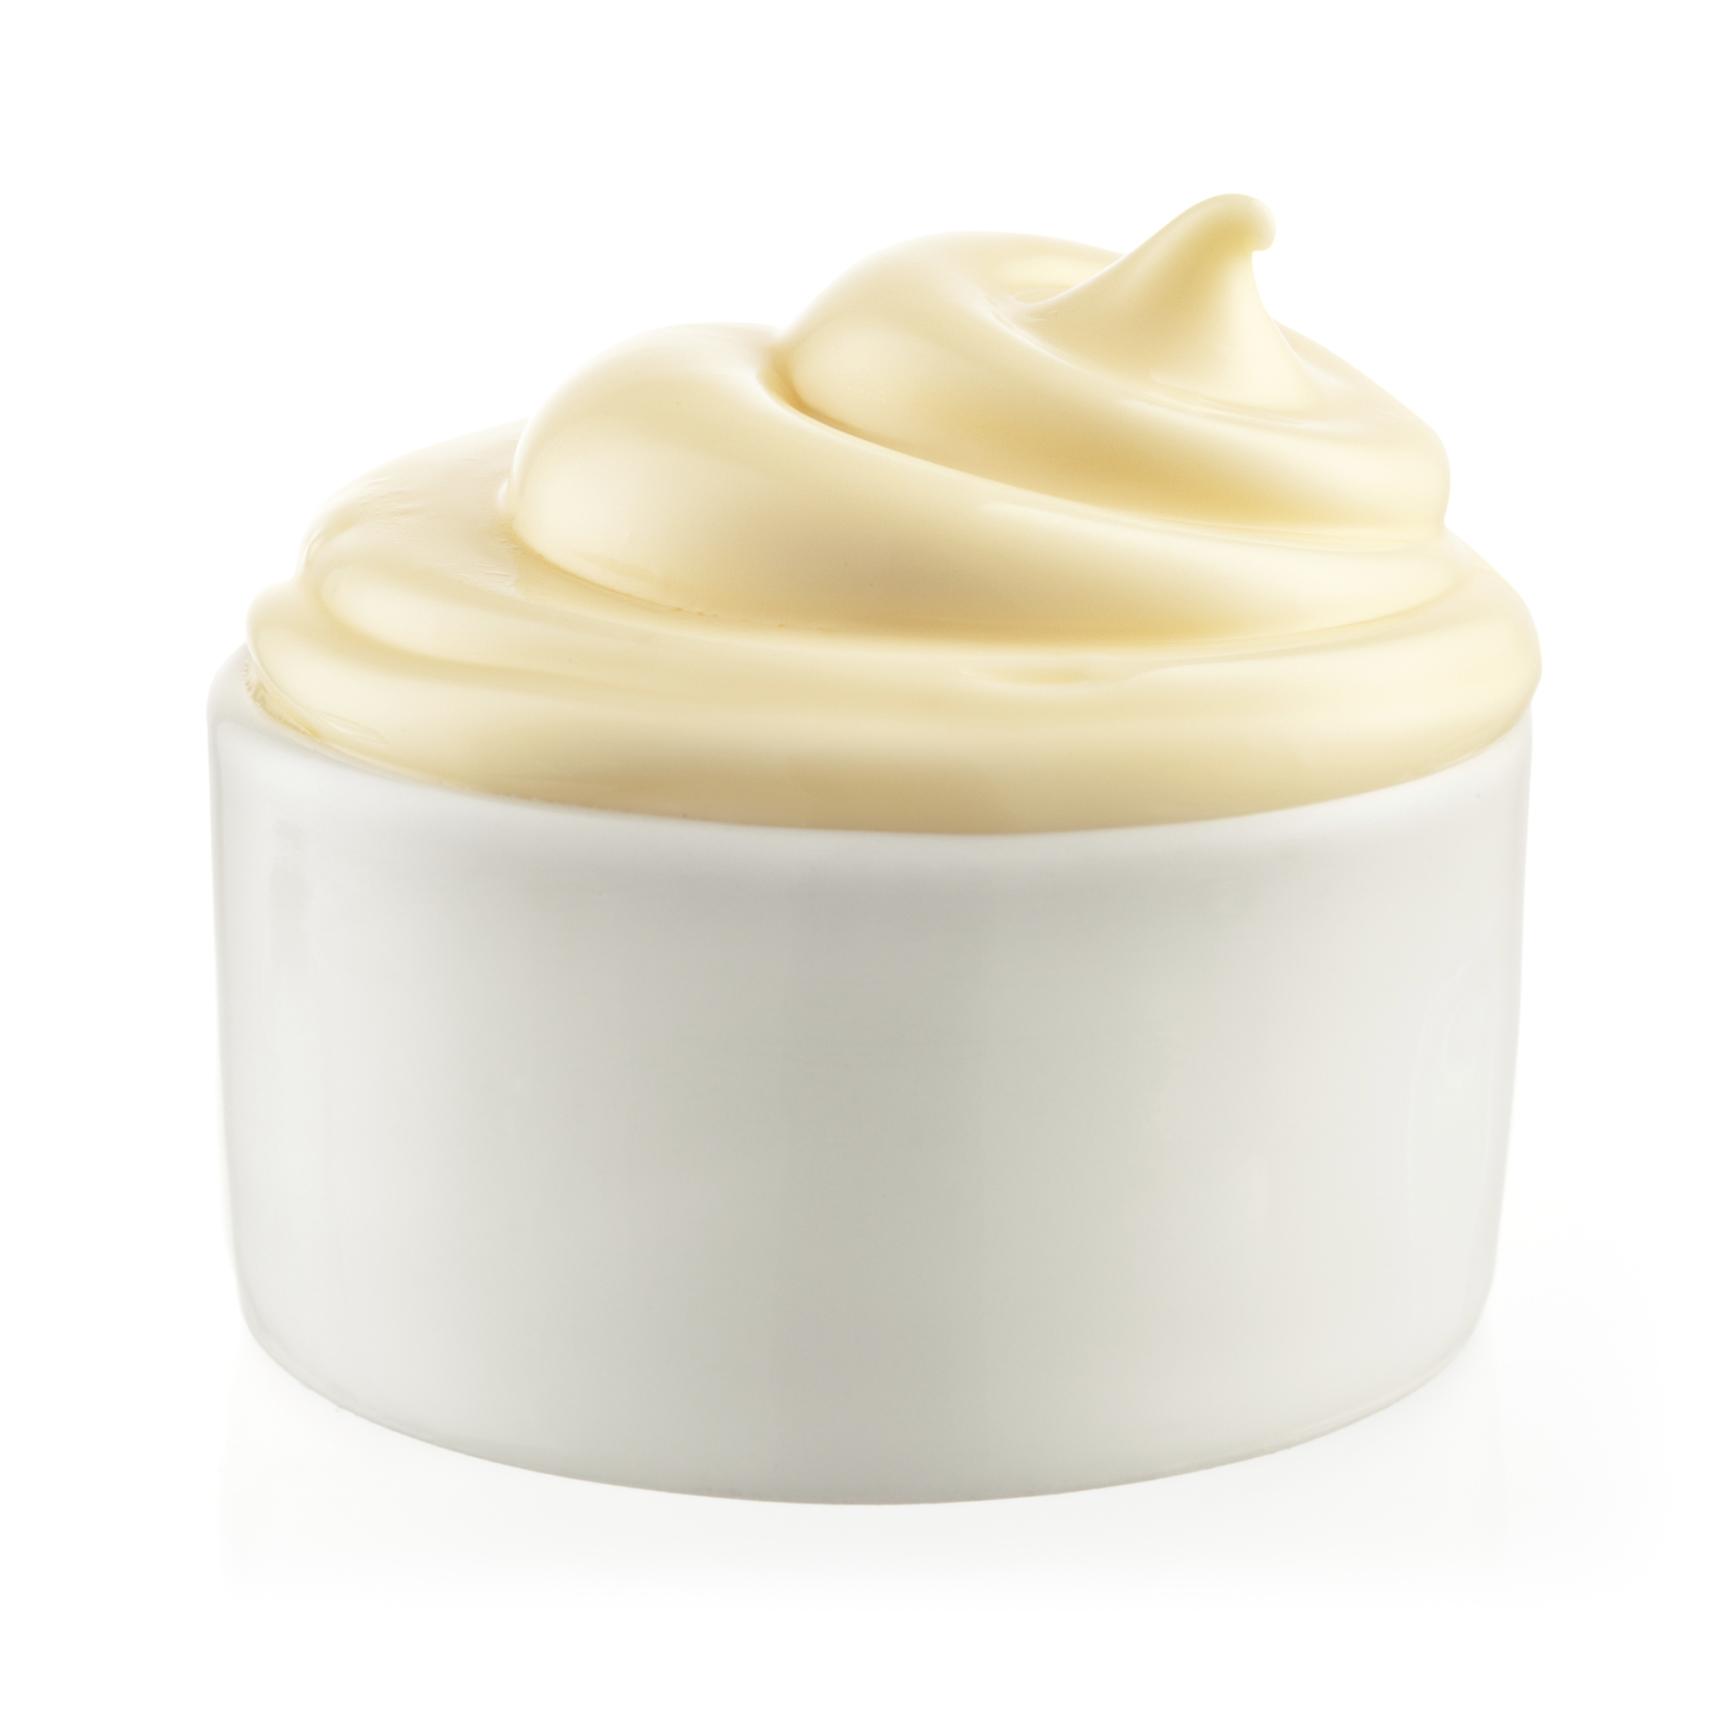 eggless mayonnaise for bánh mì faith middleton s food schmooze